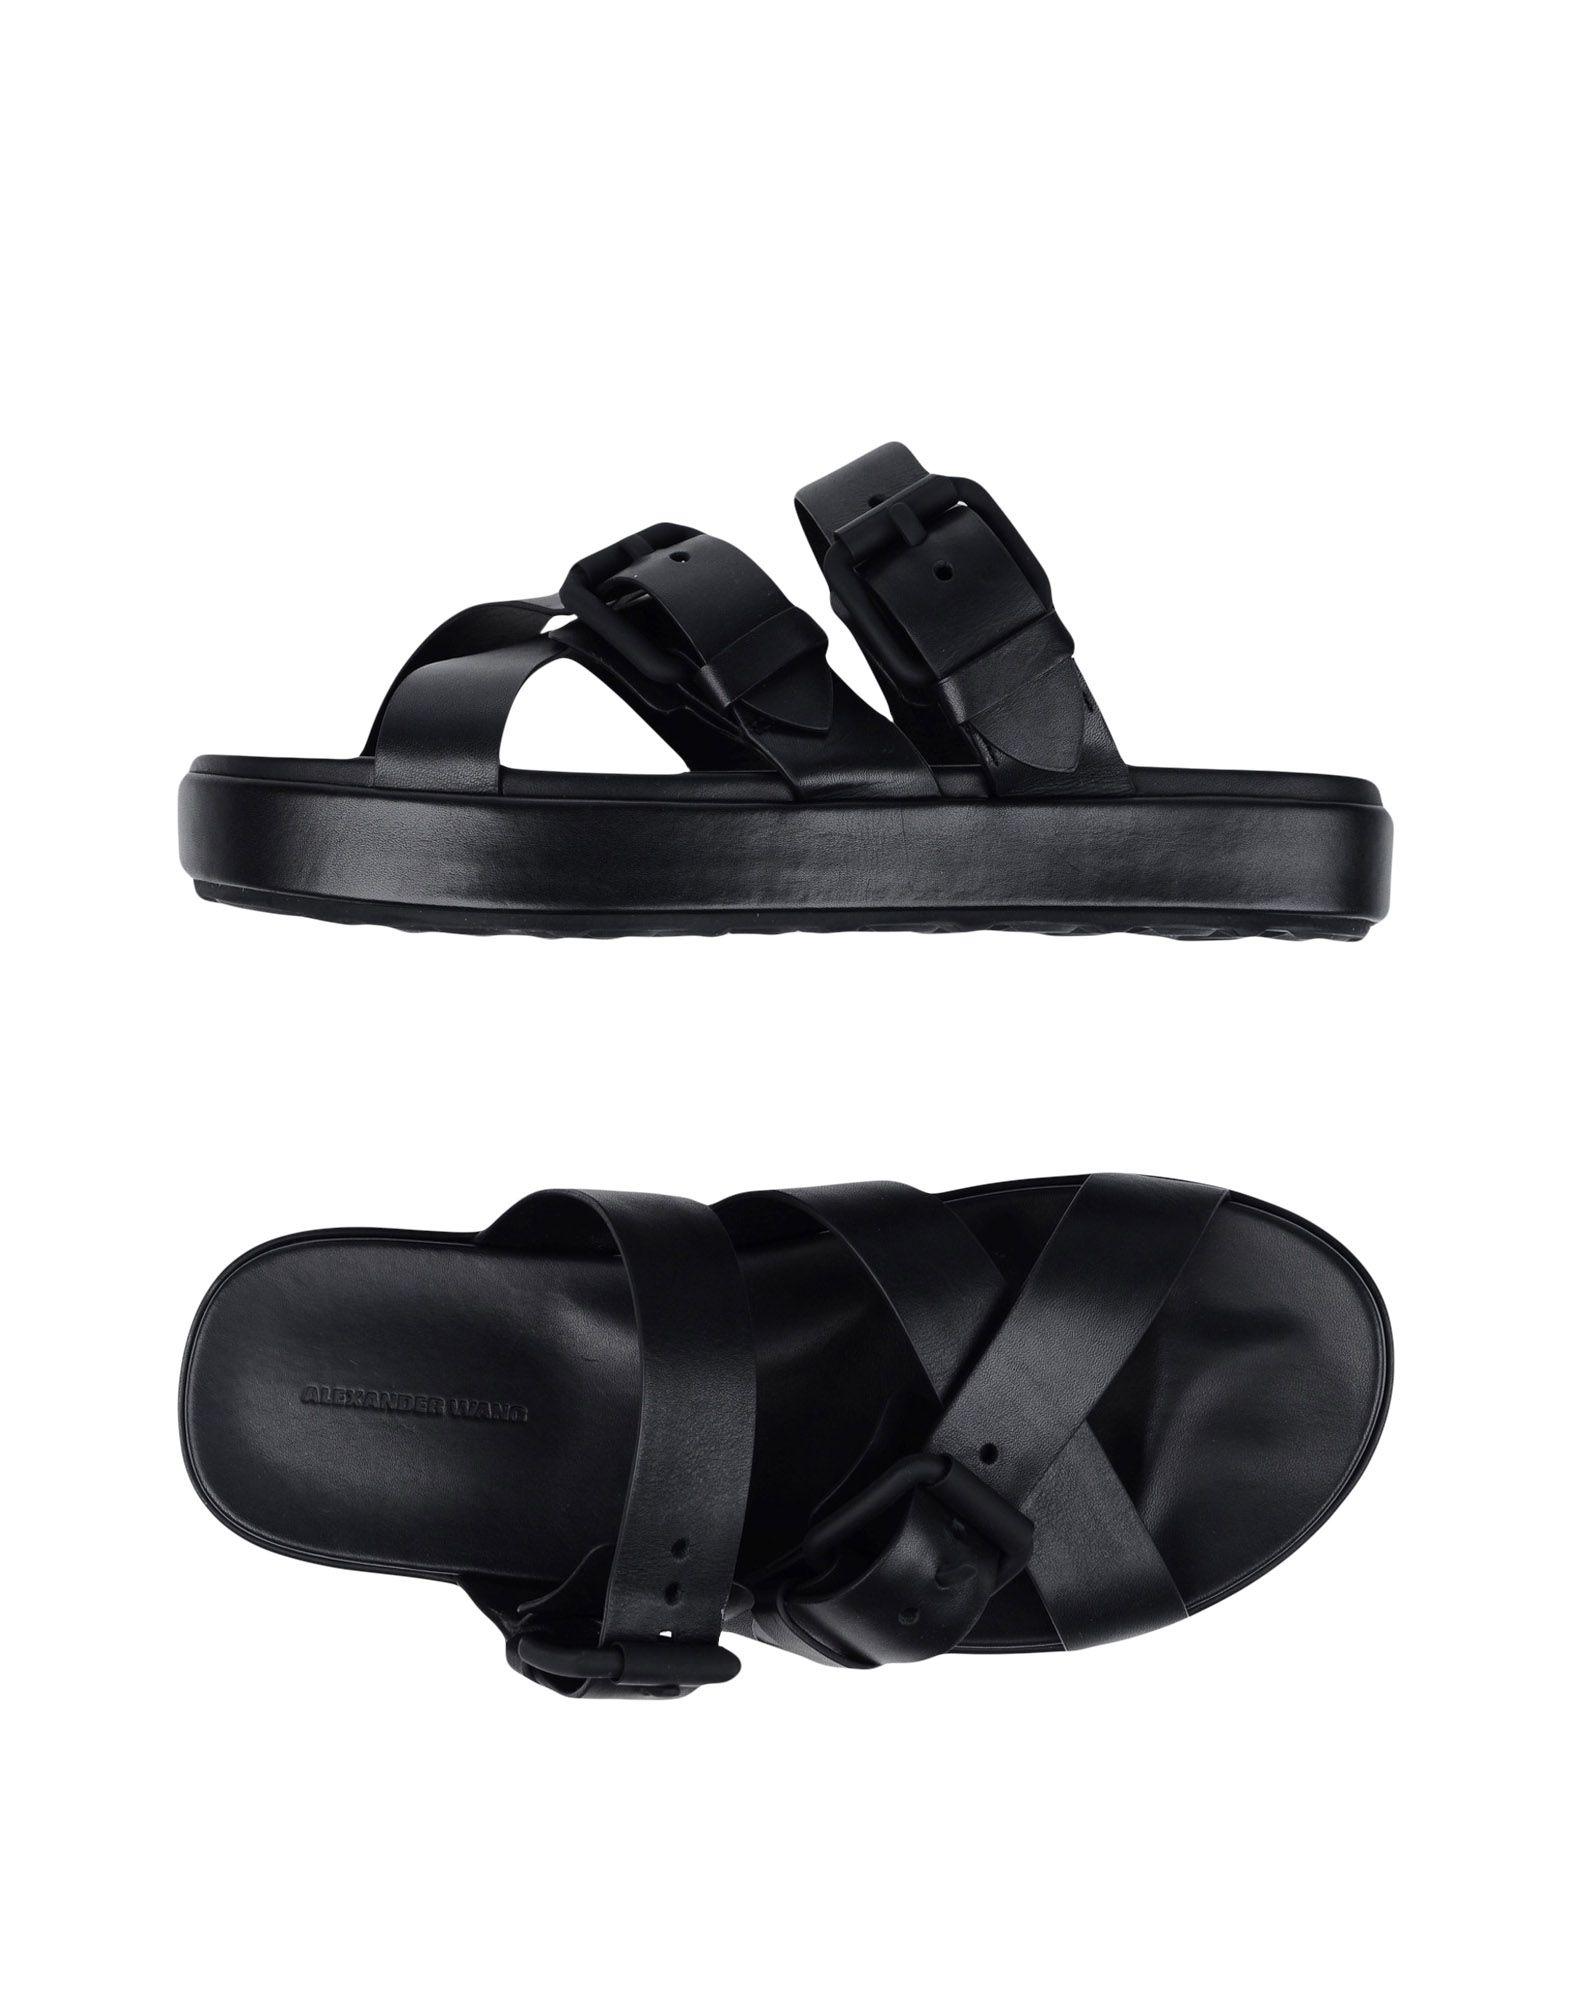 5374d2acbb2b Alexander Wang Sandals - Women Alexander Wang Sandals online on YOOX  Bulgaria - 11365189IV